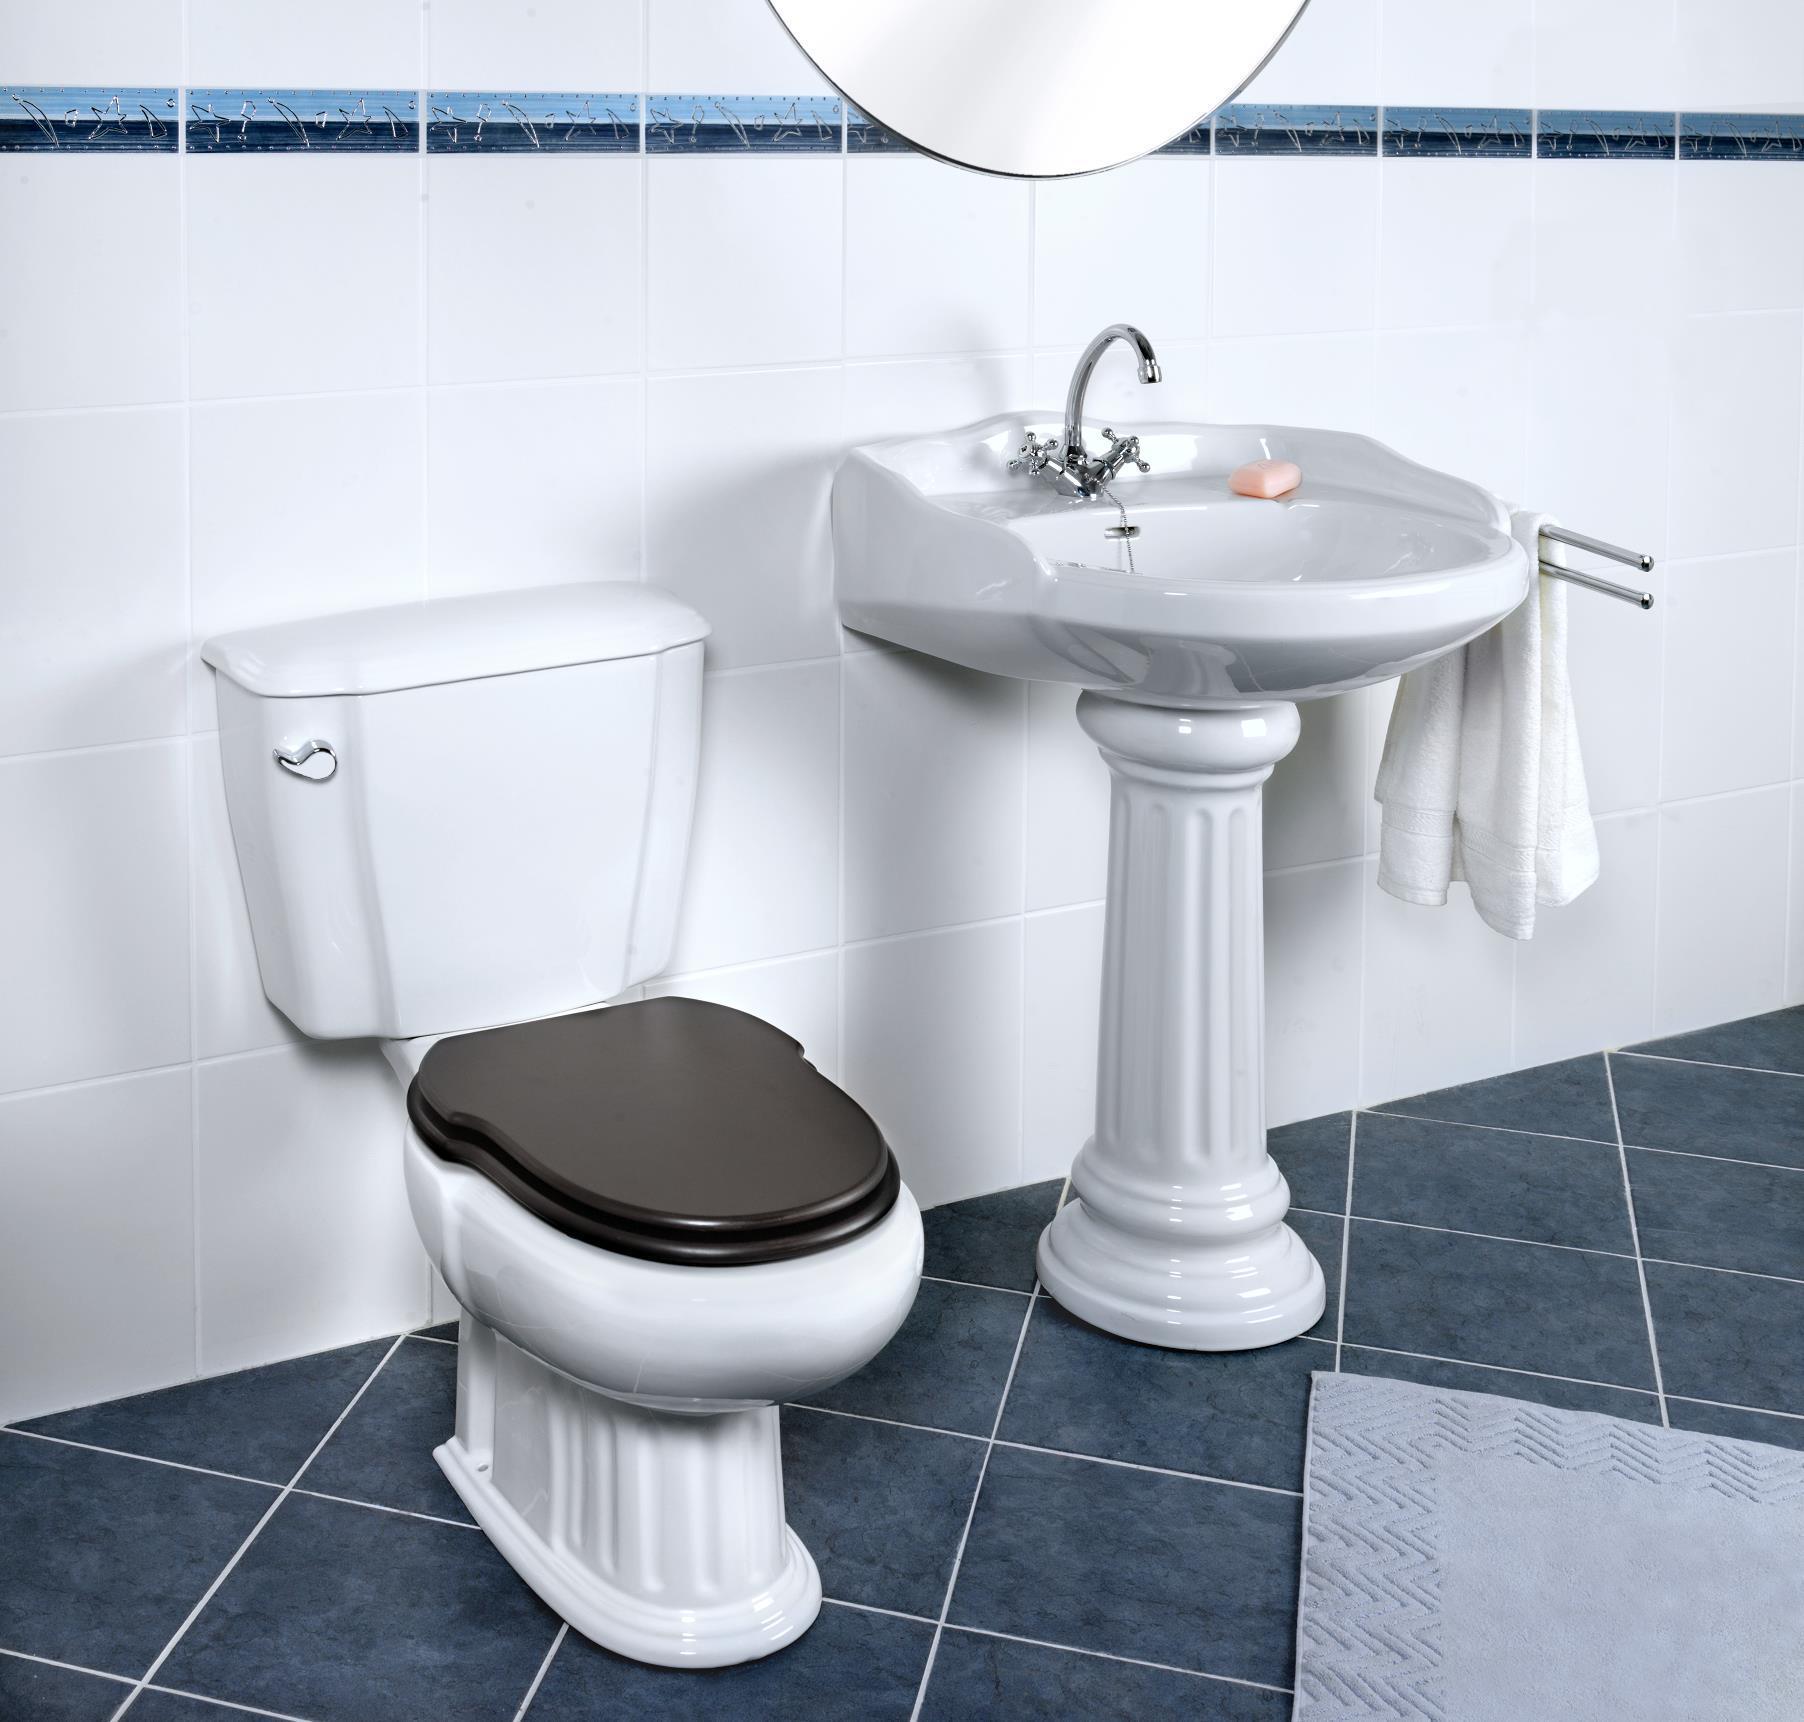 cornat waschtisch grecia wei waschbecken handwaschbecken badkeramik badezimmer. Black Bedroom Furniture Sets. Home Design Ideas